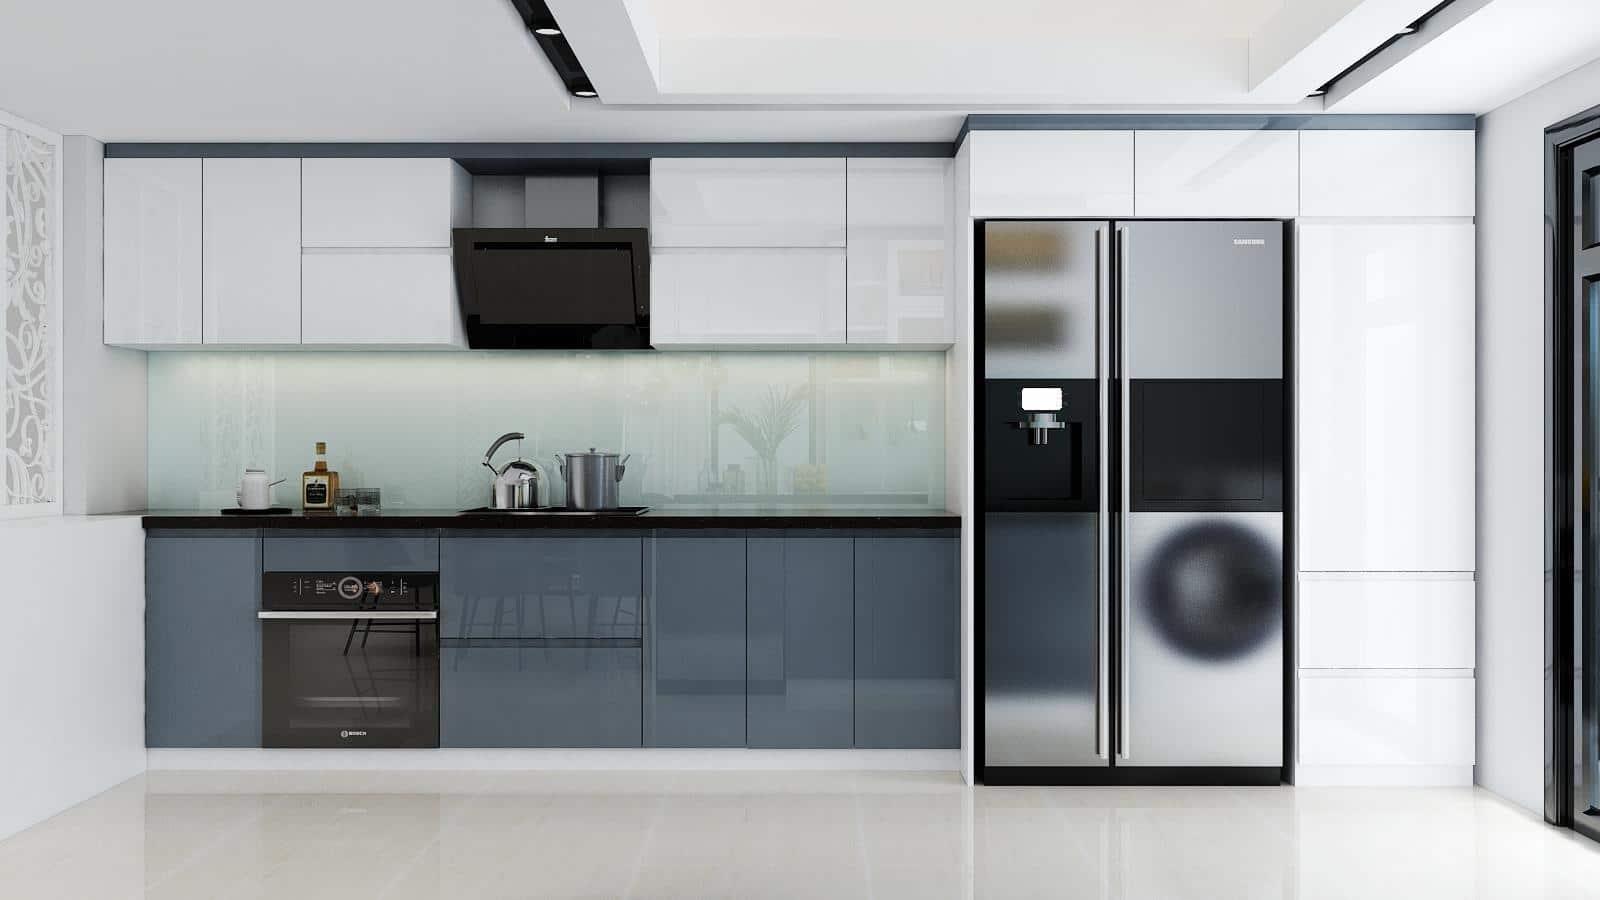 Tủ bếp gỗ đẹp chữ I, một mẫu thiết kế dành cho nhà có diện tích bếp nhỏ, vừa tiết kiệm không gian vừa sử dụng được tối đa công năng